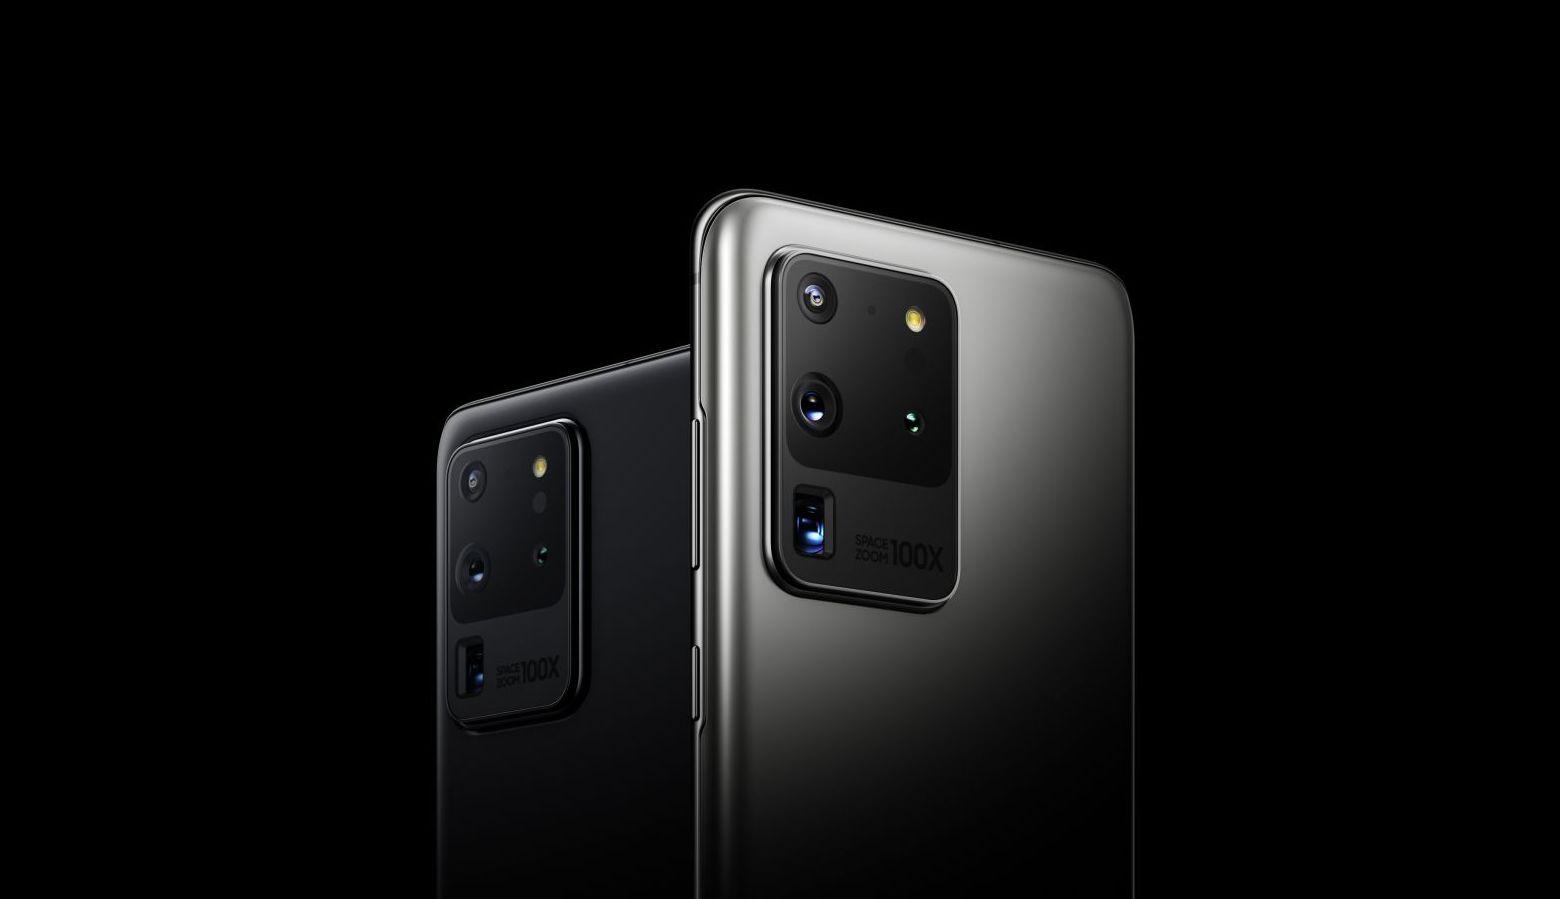 Флагманы Samsung Galaxy S22 не получат датчик ToF